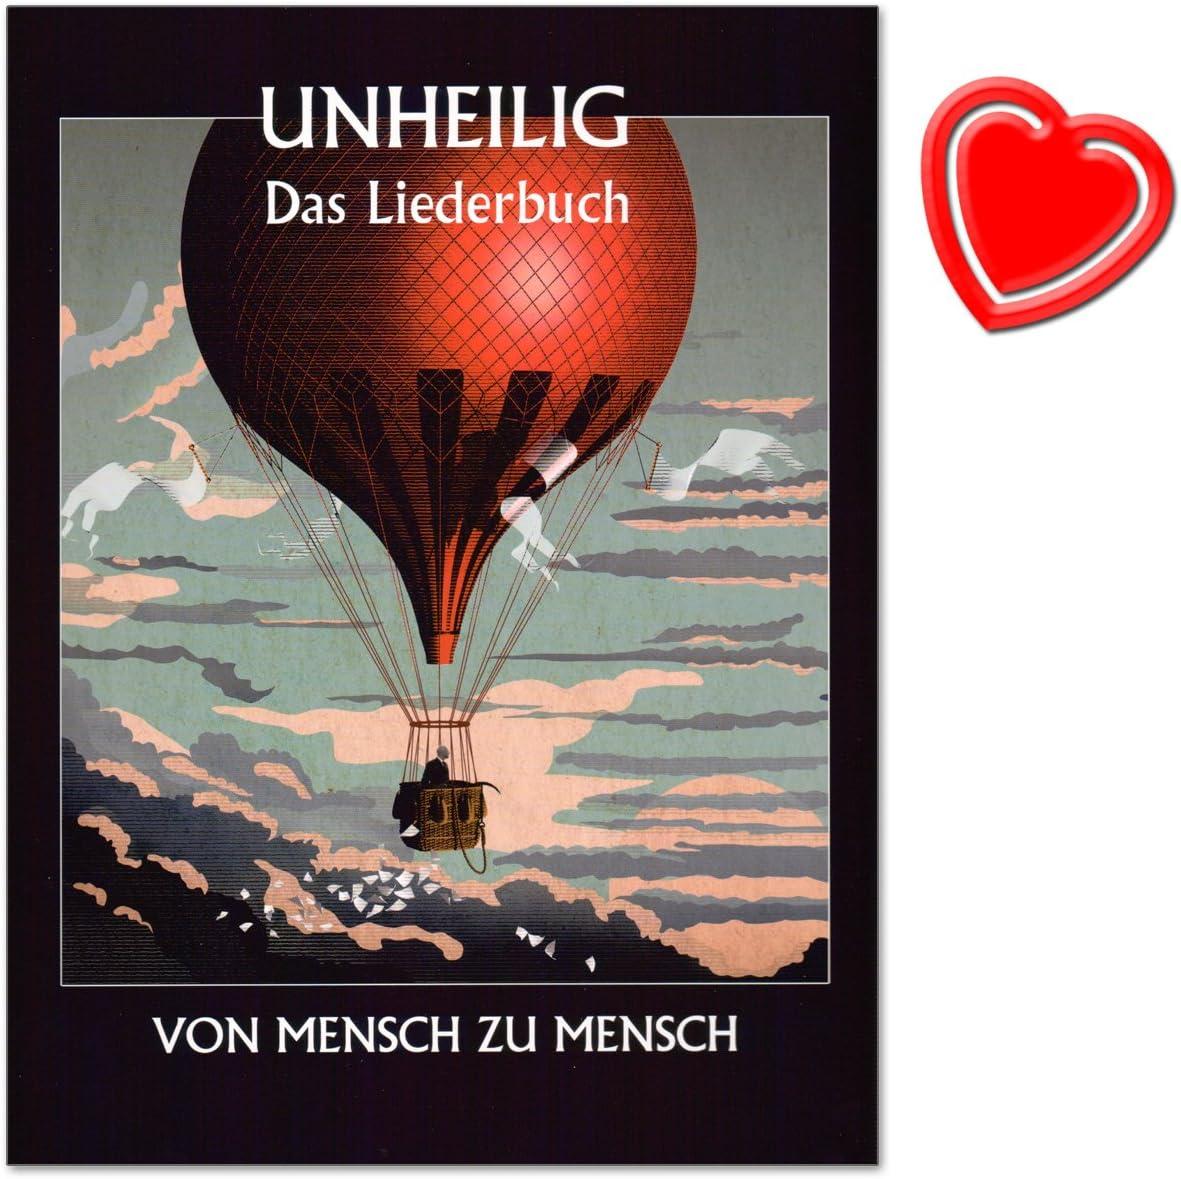 Inscribiente: de hombre a humano, el libro de canciones, el último álbum de la historia de la película Unheiligs, 16 piezas móviles para piano, voz y guitarra, con pinza de color en forma de corazón